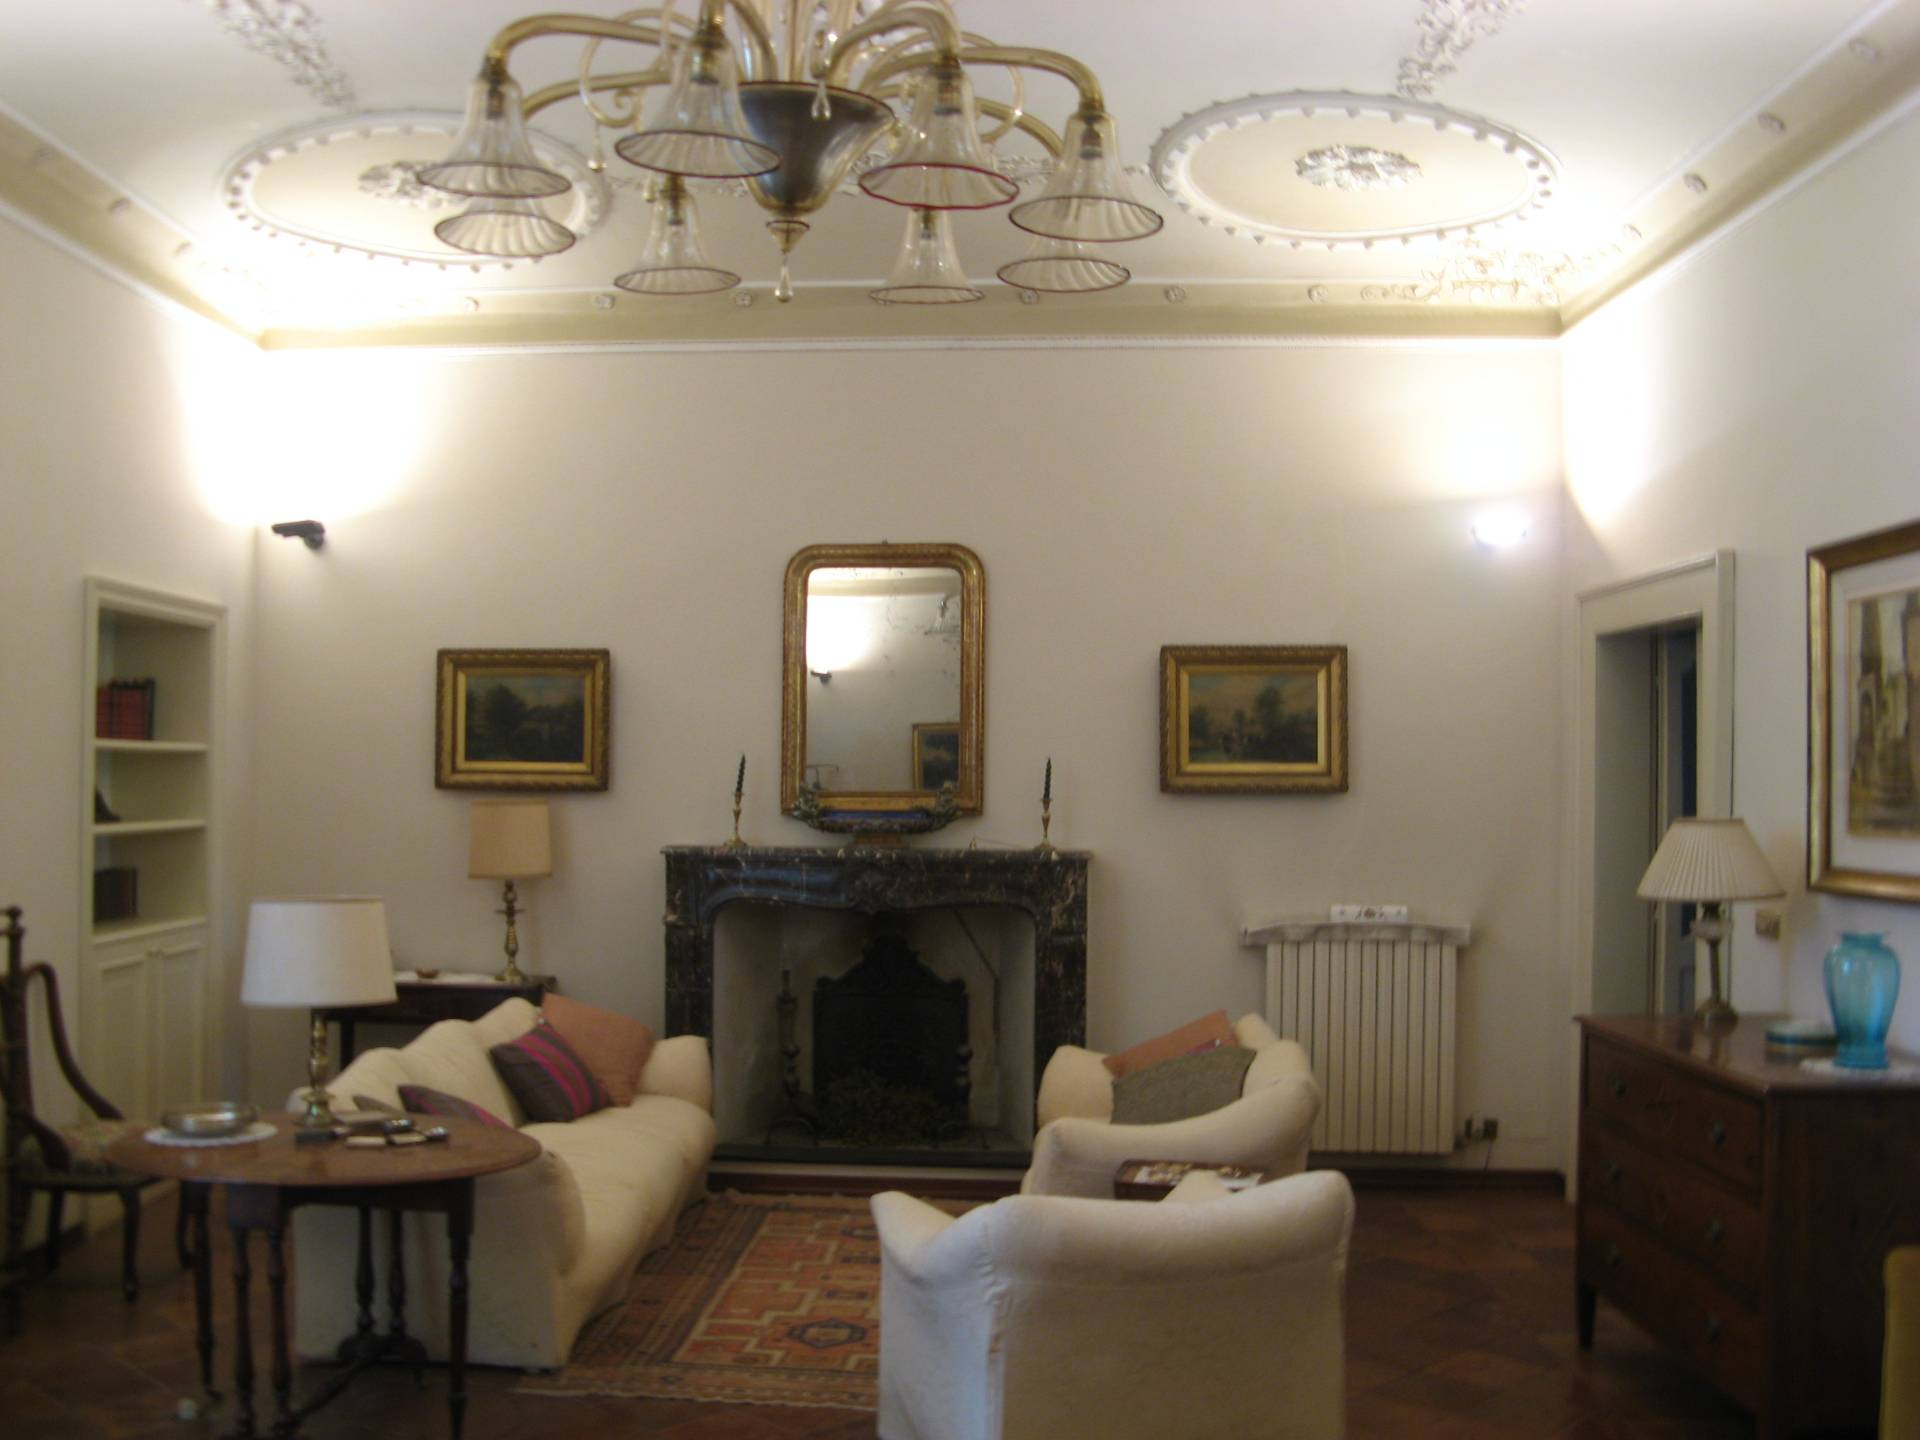 Palazzo / Stabile in vendita a Ascoli Piceno, 12 locali, zona Località: CentroStorico, prezzo € 750.000 | CambioCasa.it